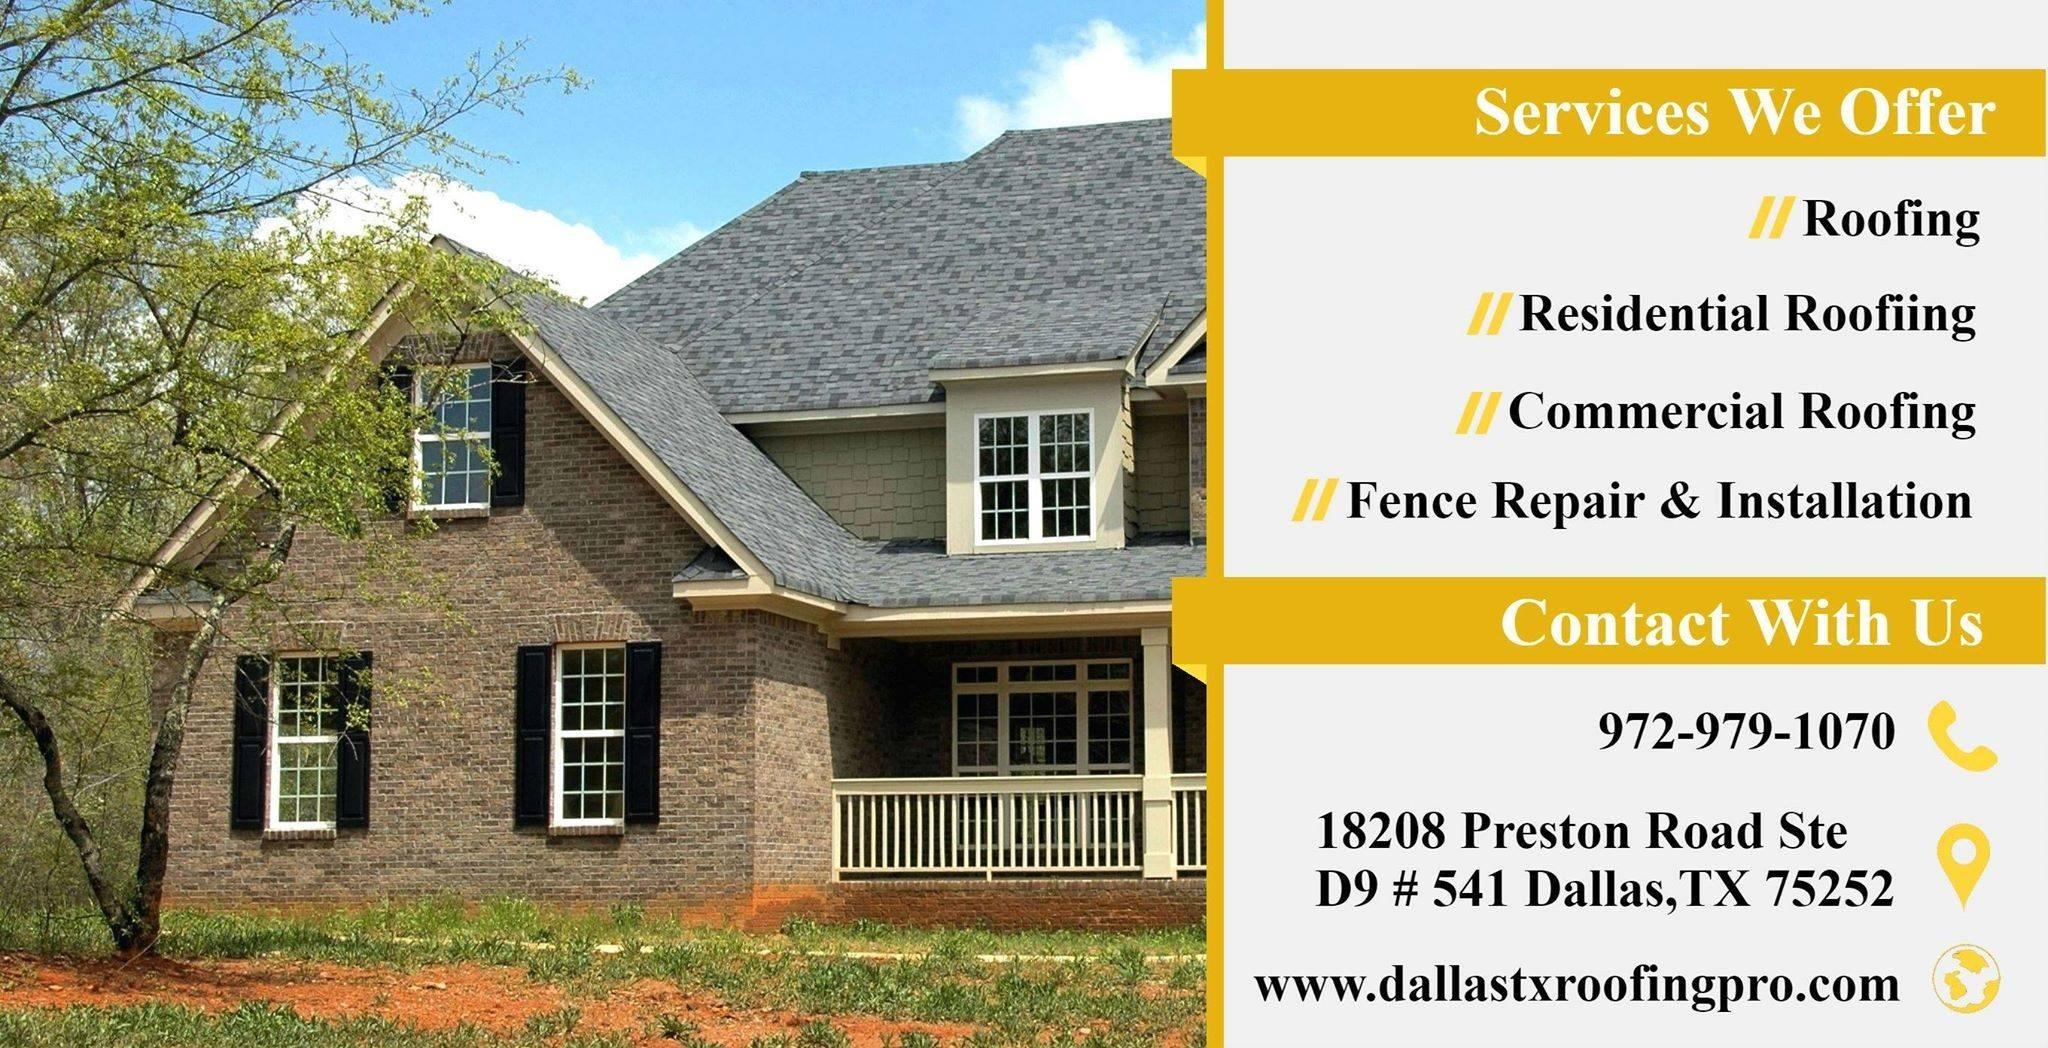 Dallas Tx Roofing Pro (@dallastxroofingpro) Cover Image